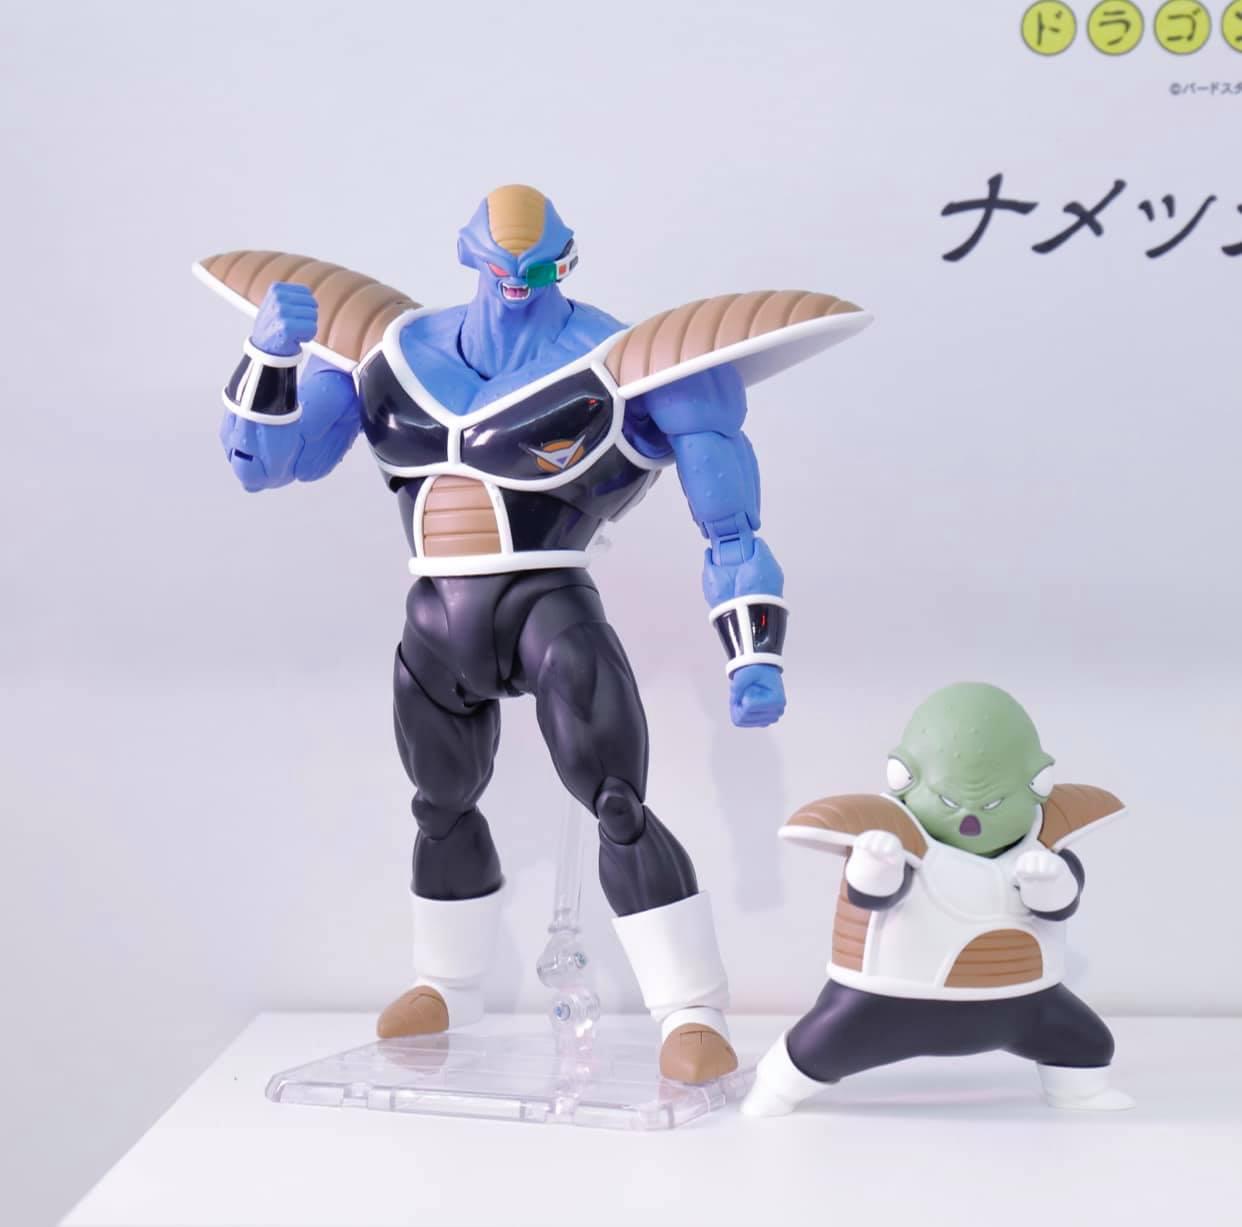 [Comentários] Tamashii Nations 2020 Figure Museum SvqKmPUb_o